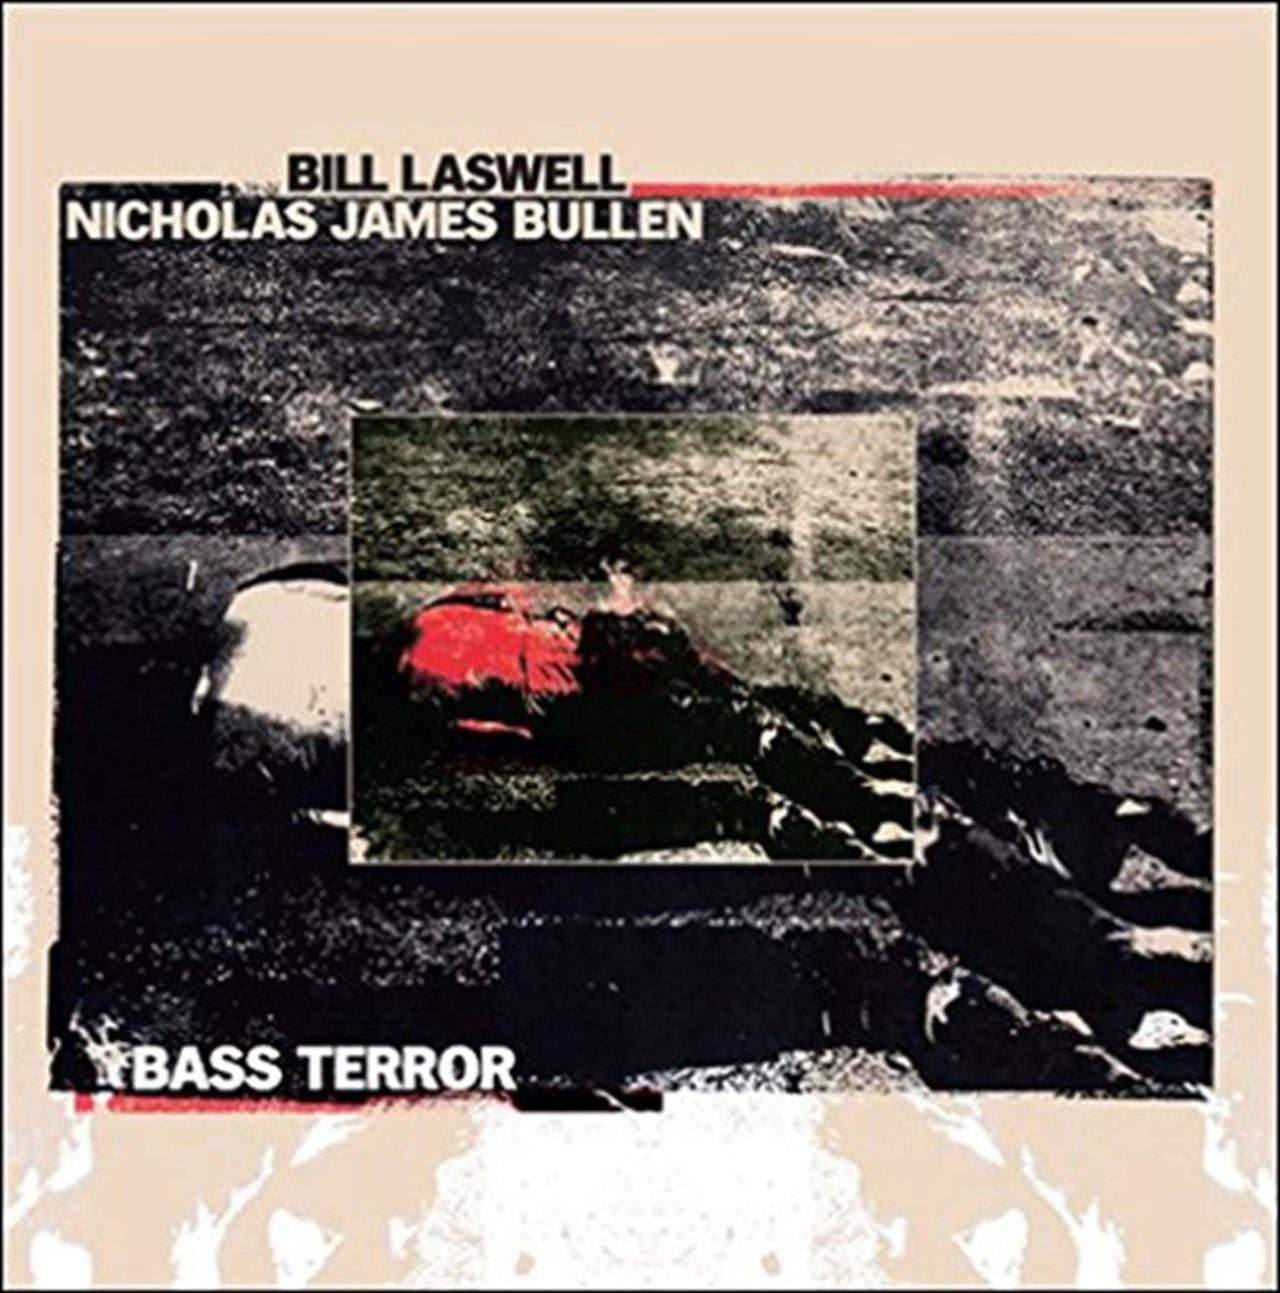 Bass Terror - 1